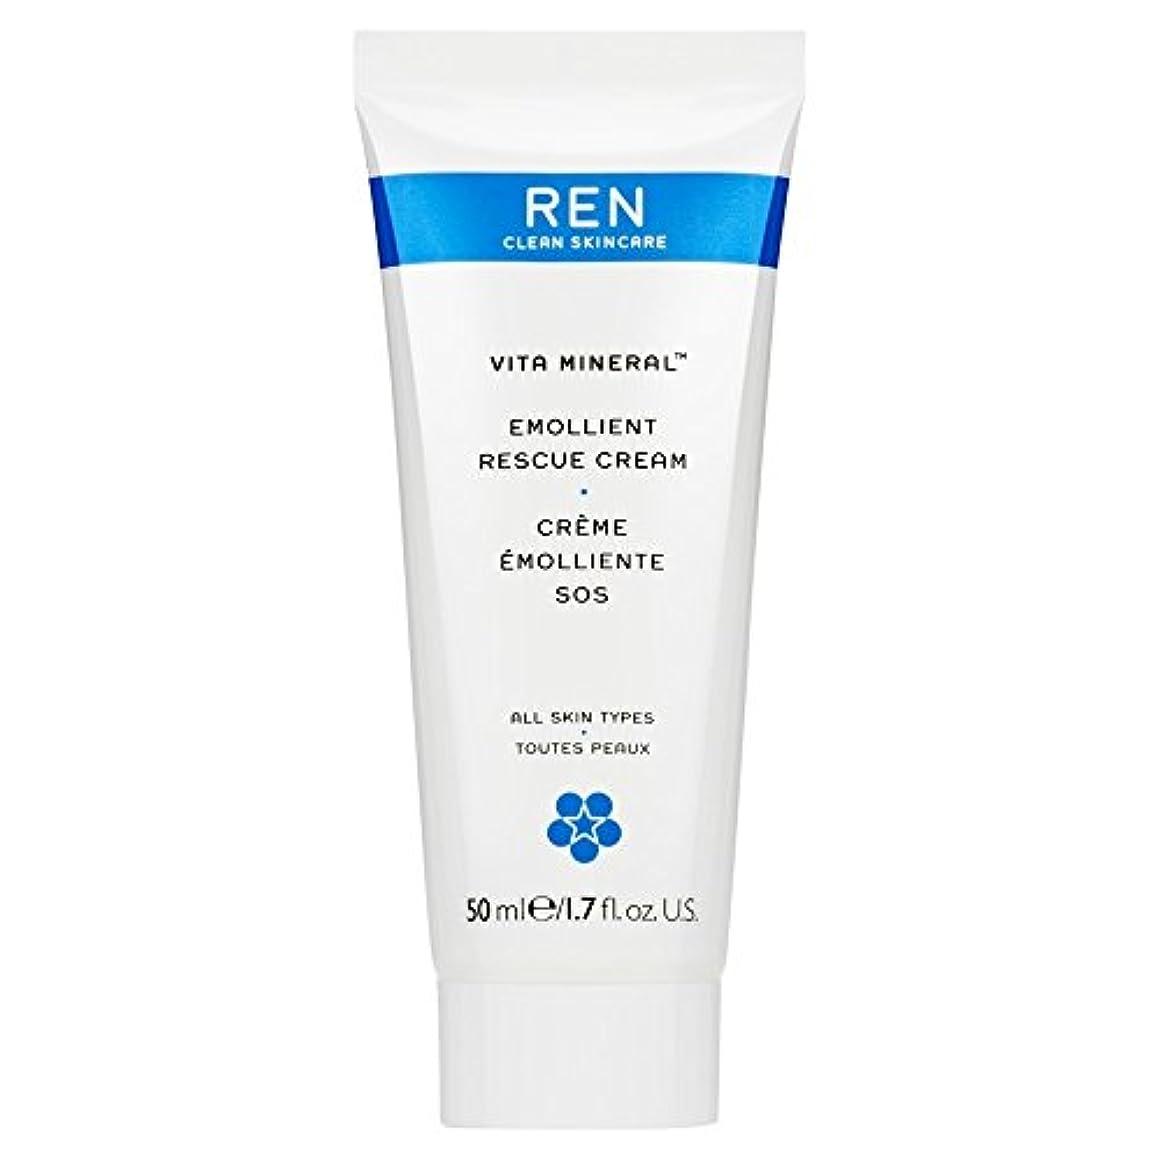 ふくろうレジデンス化石Renヴィータミネラルレスキュークリーム、50ミリリットル (REN) (x6) - REN Vita Mineral Rescue Cream, 50ml (Pack of 6) [並行輸入品]